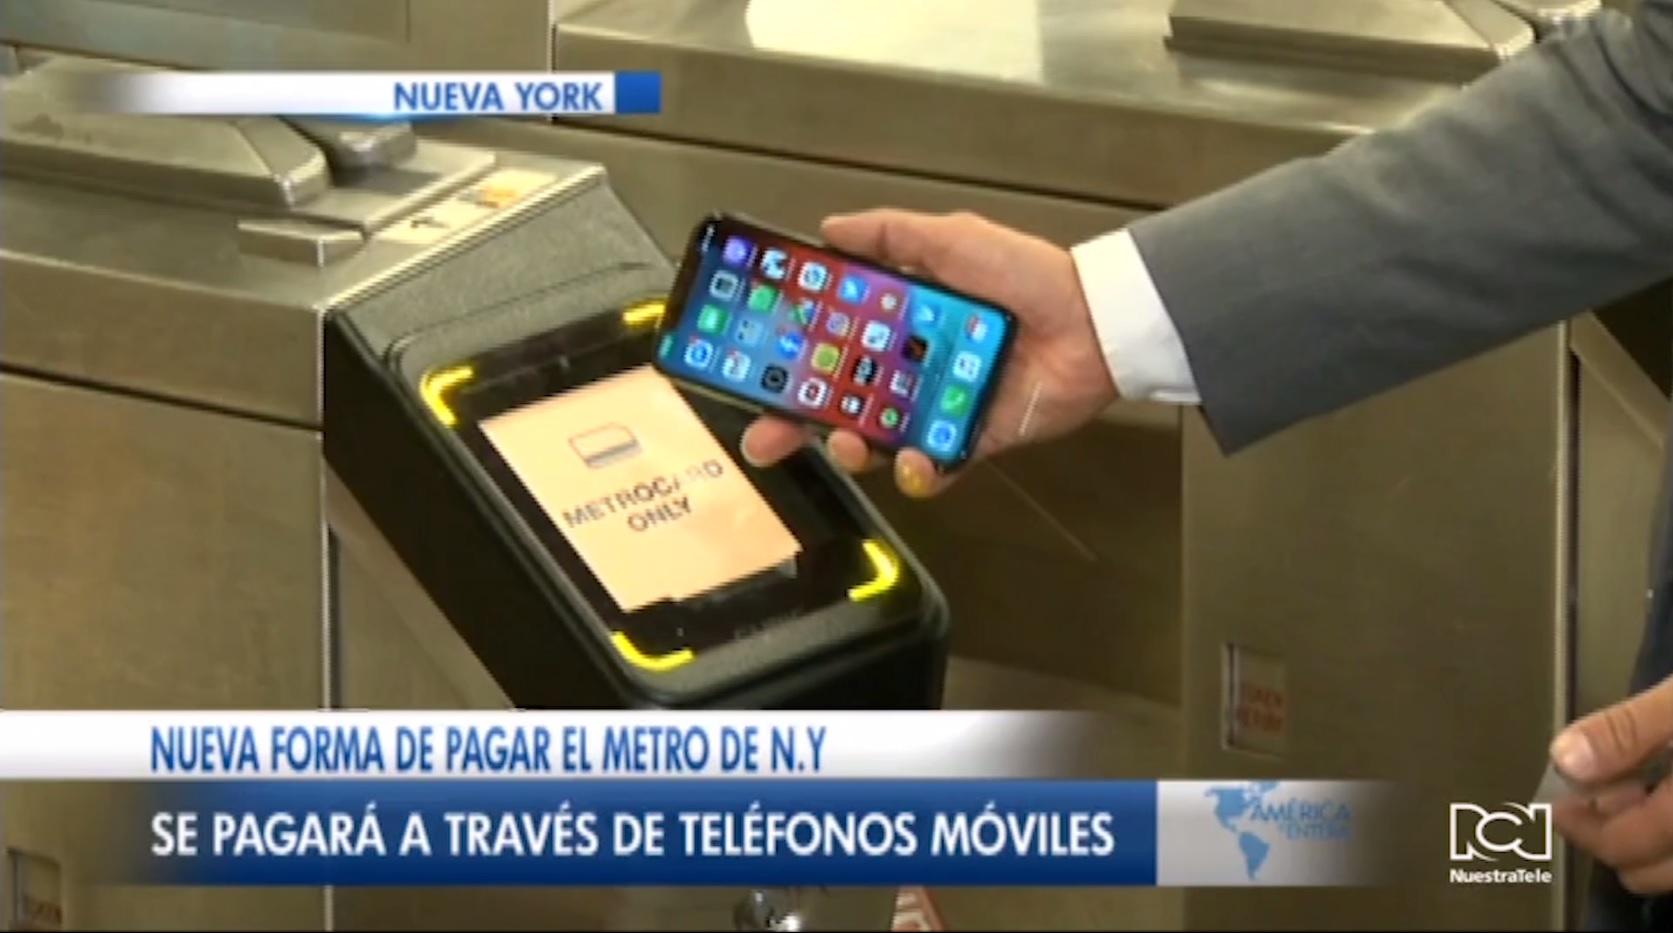 nuevo-forma-de-pagar-el-metro-de-nueva-york.jpg